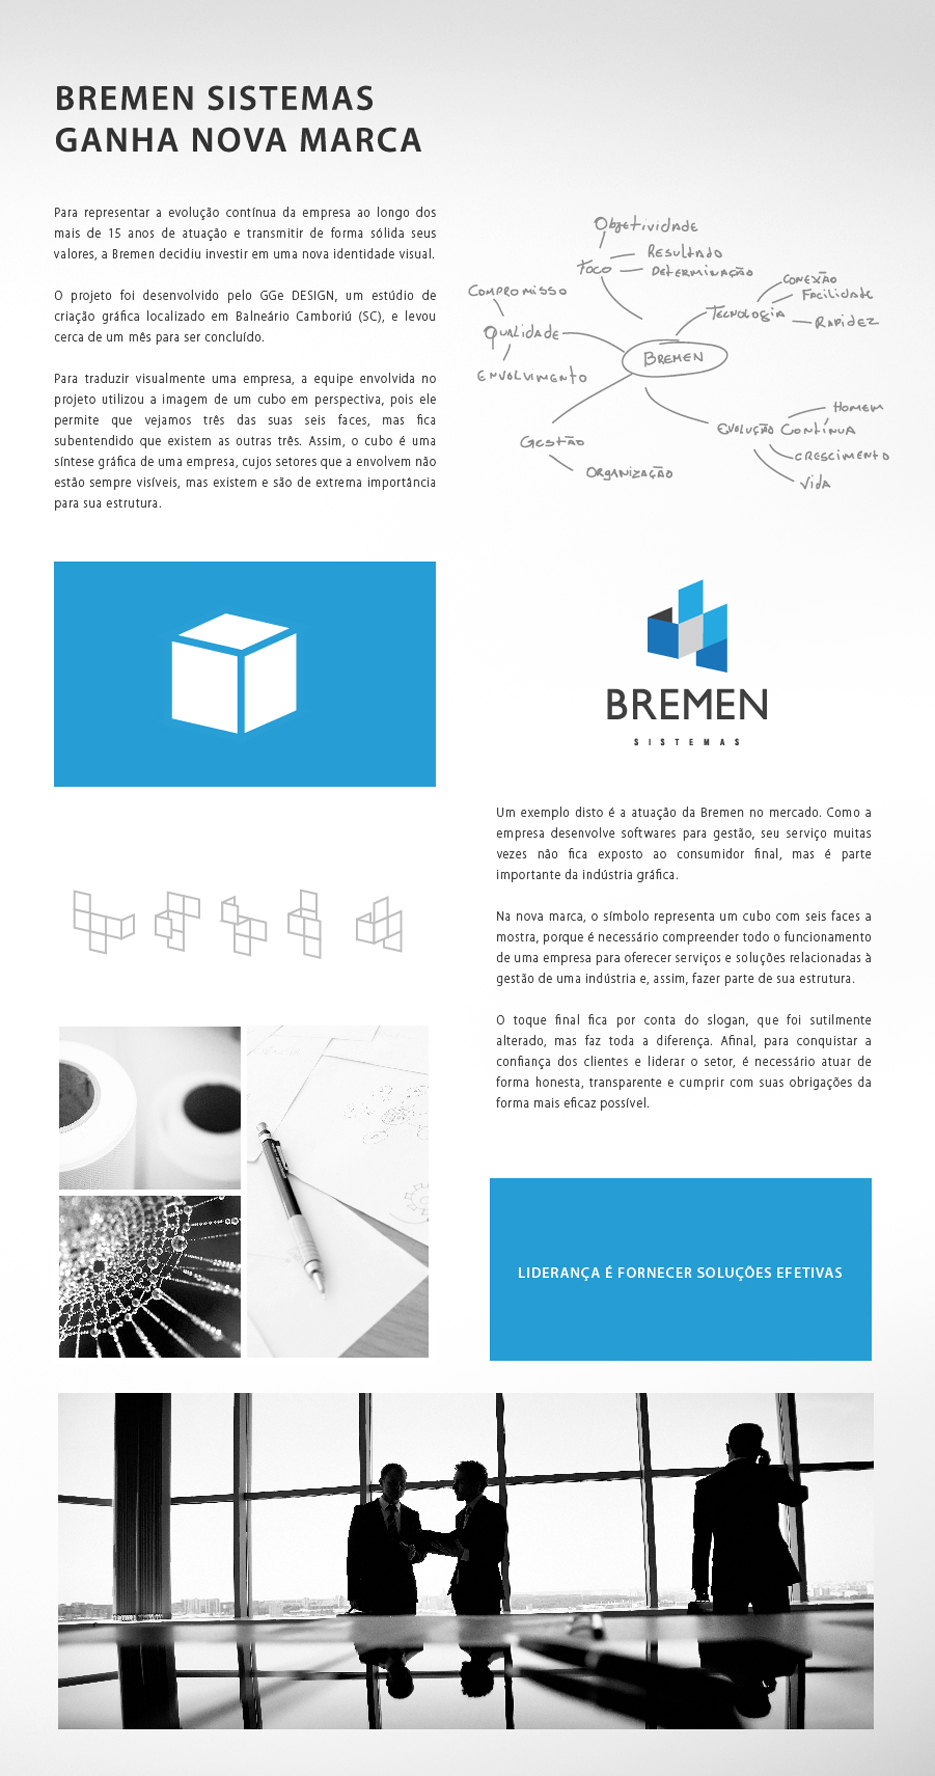 http://bremen.com.br/assets/dinamicos/imprensa/resumo_020_01.jpg?_dc=190616061437